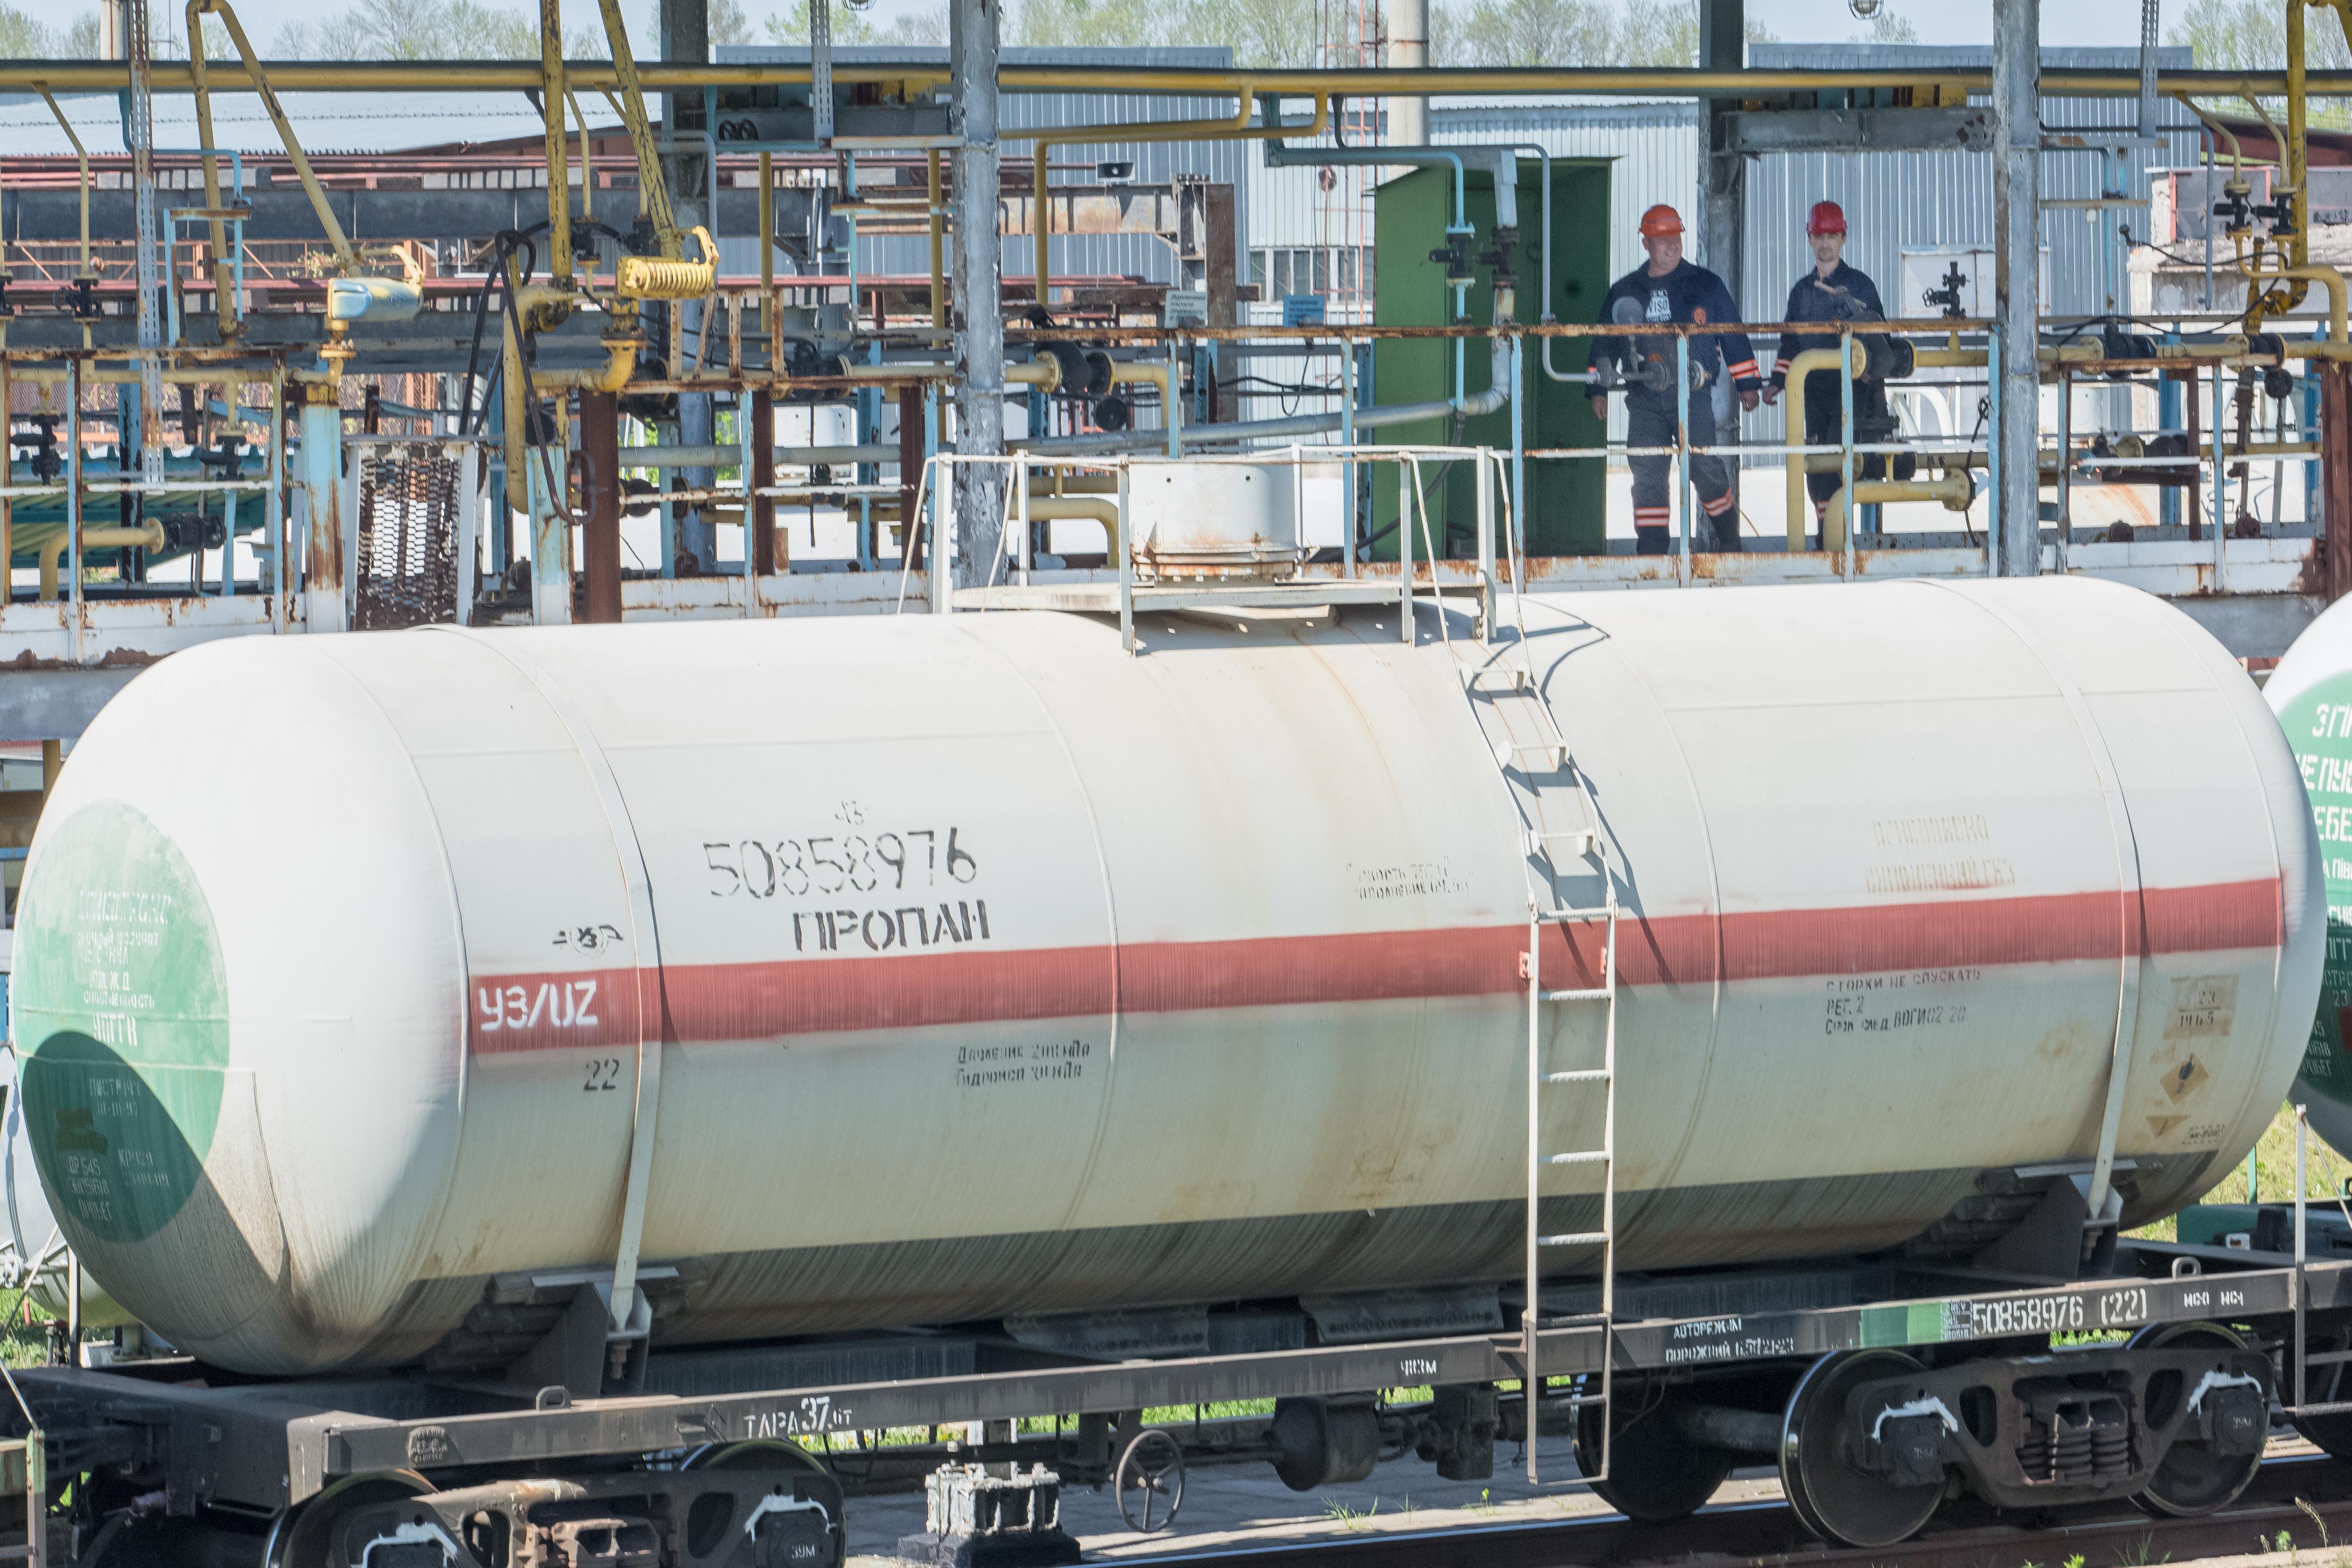 Укргазвидобування запрошує до участі у річних торгах з продажу нафтопродуктів